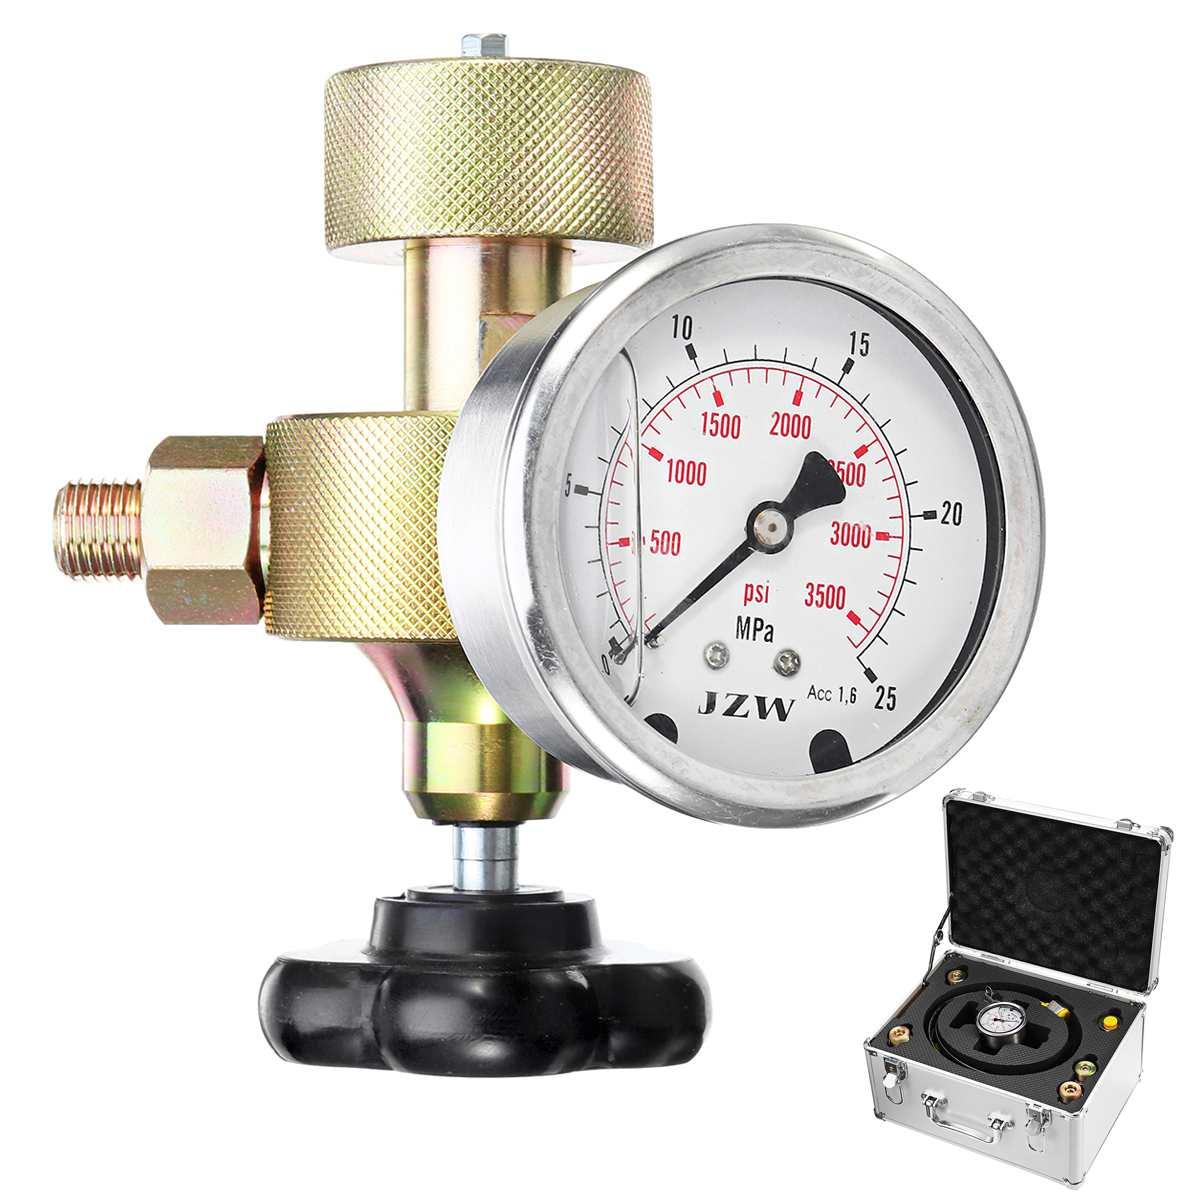 FPU 25/40MPA 6 в 1 надувной инструмент гидравлический аккумулятор азота зарядки заполнения газа клапан тесты комплект углерода сталь аккумулято